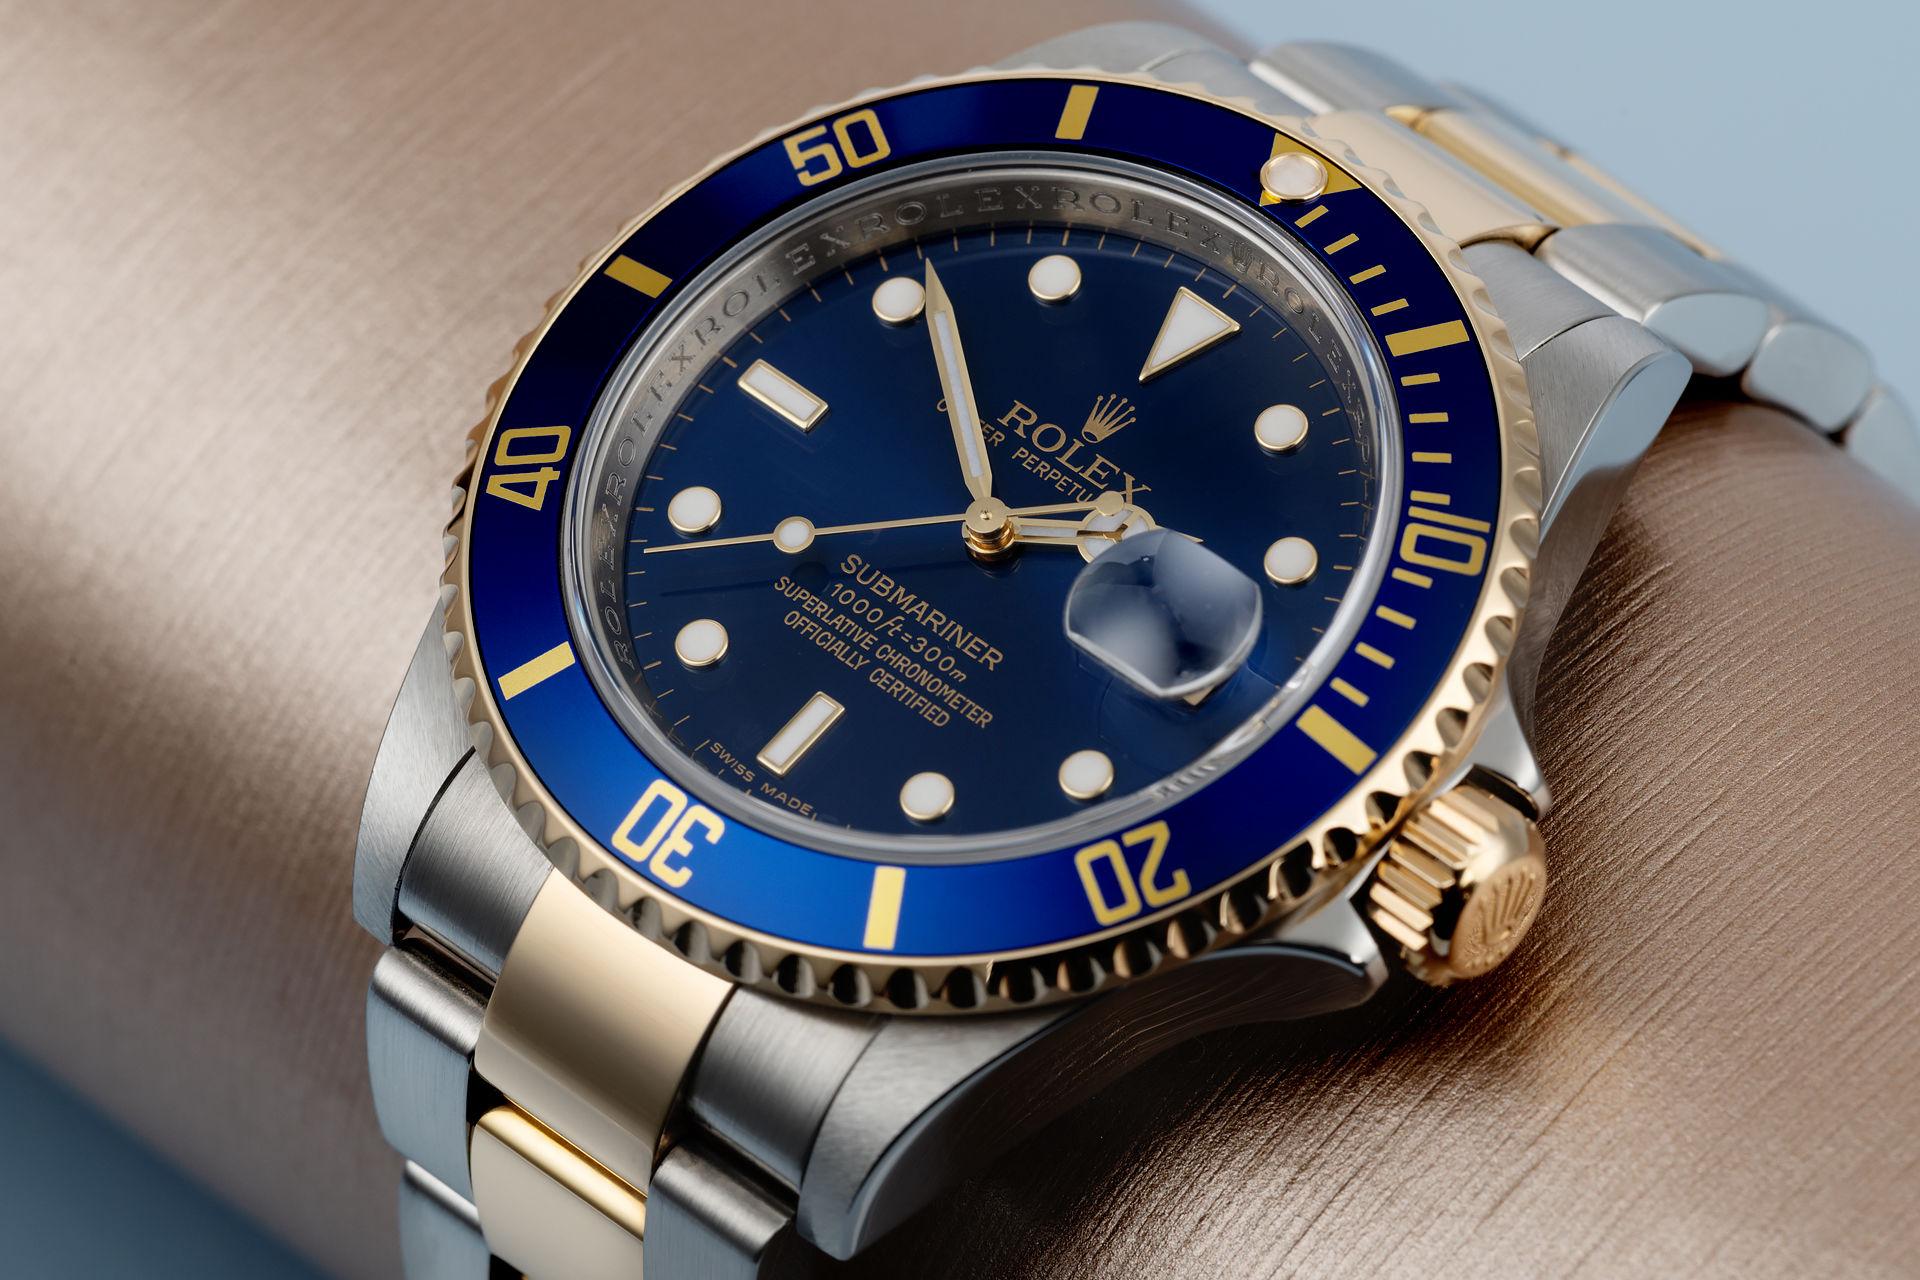 Rolex Submariner 16613 steel gold